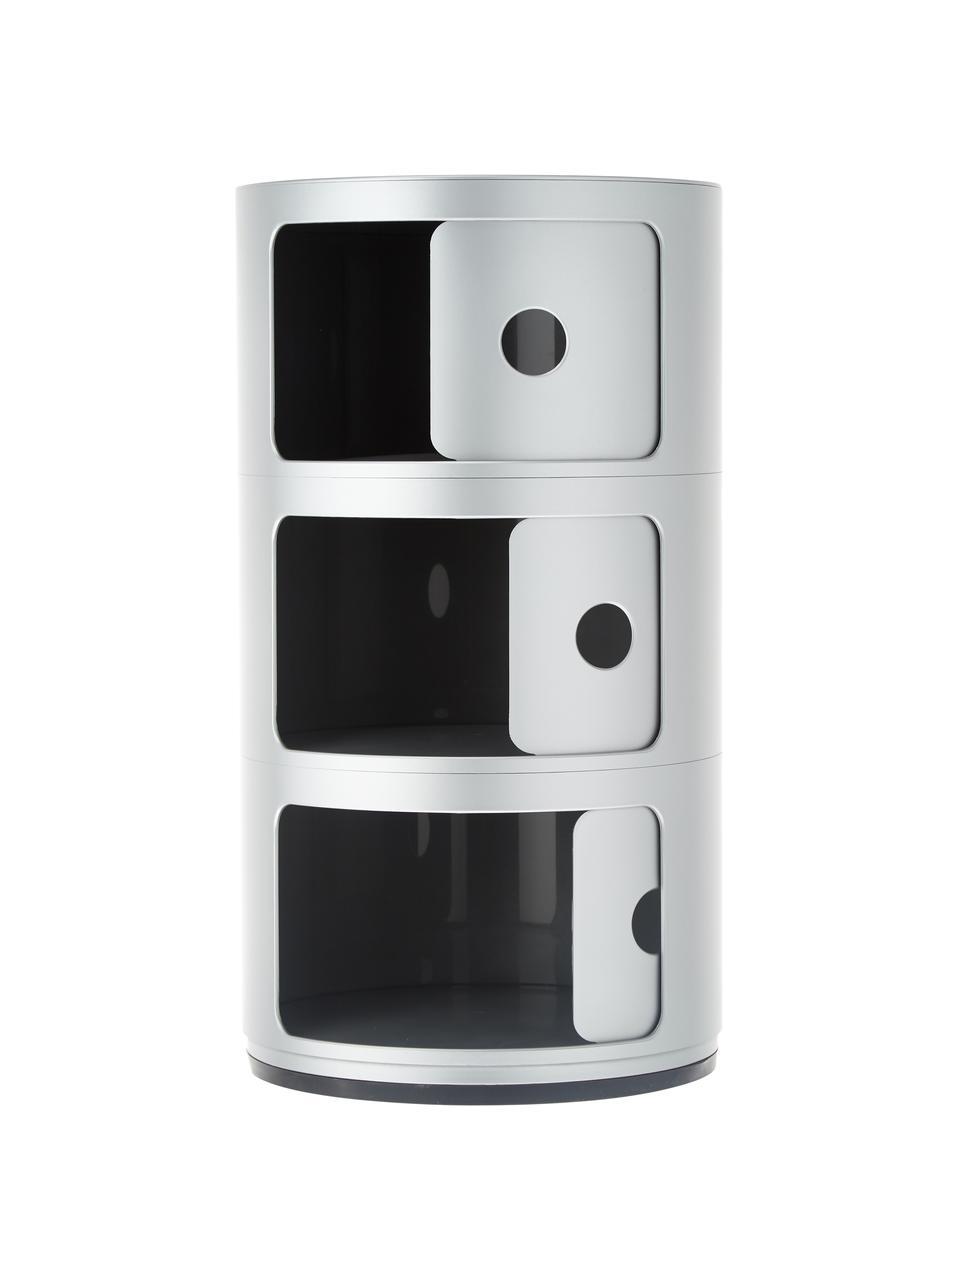 Comodino di design con cassetti Componibile, Materiale sintetico, Argentato, Ø 32 x Alt. 59 cm